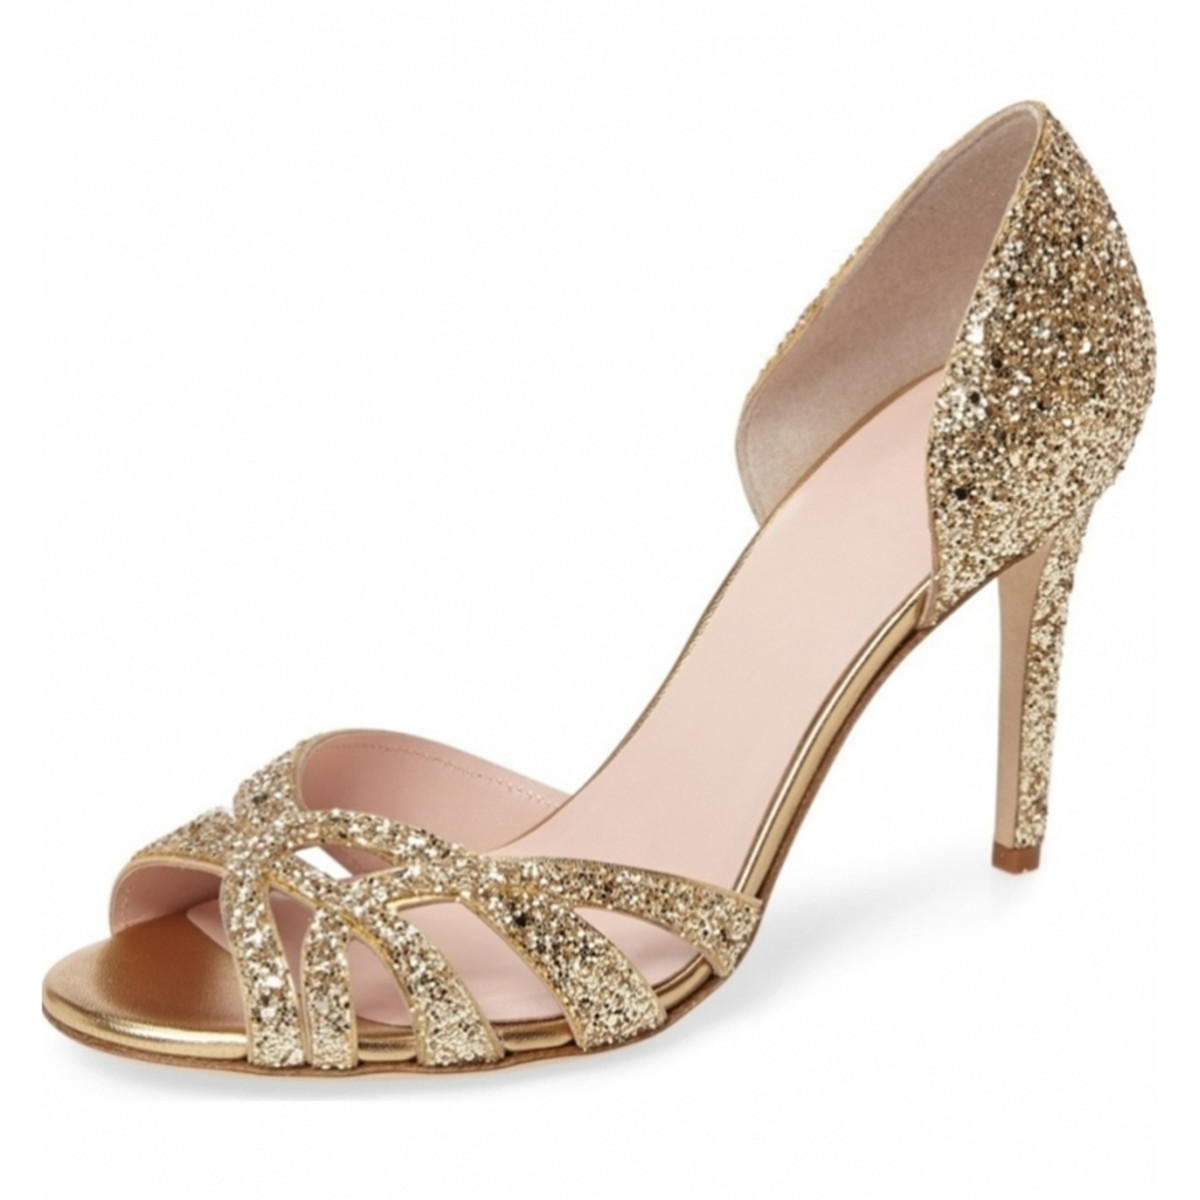 Gold Peep Toes Heels